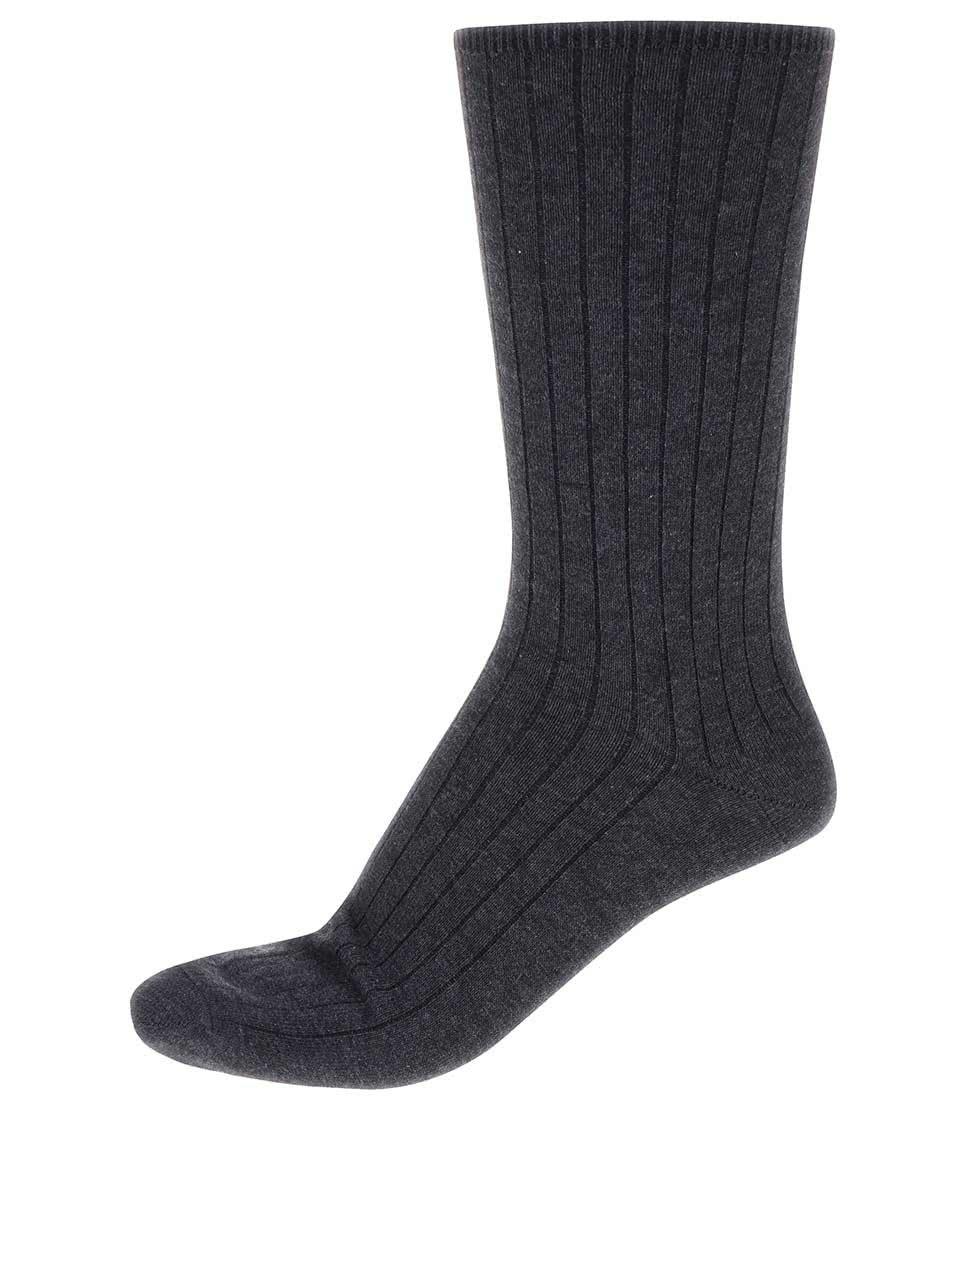 Tmavě šedé bavlněné ponožky Claudio